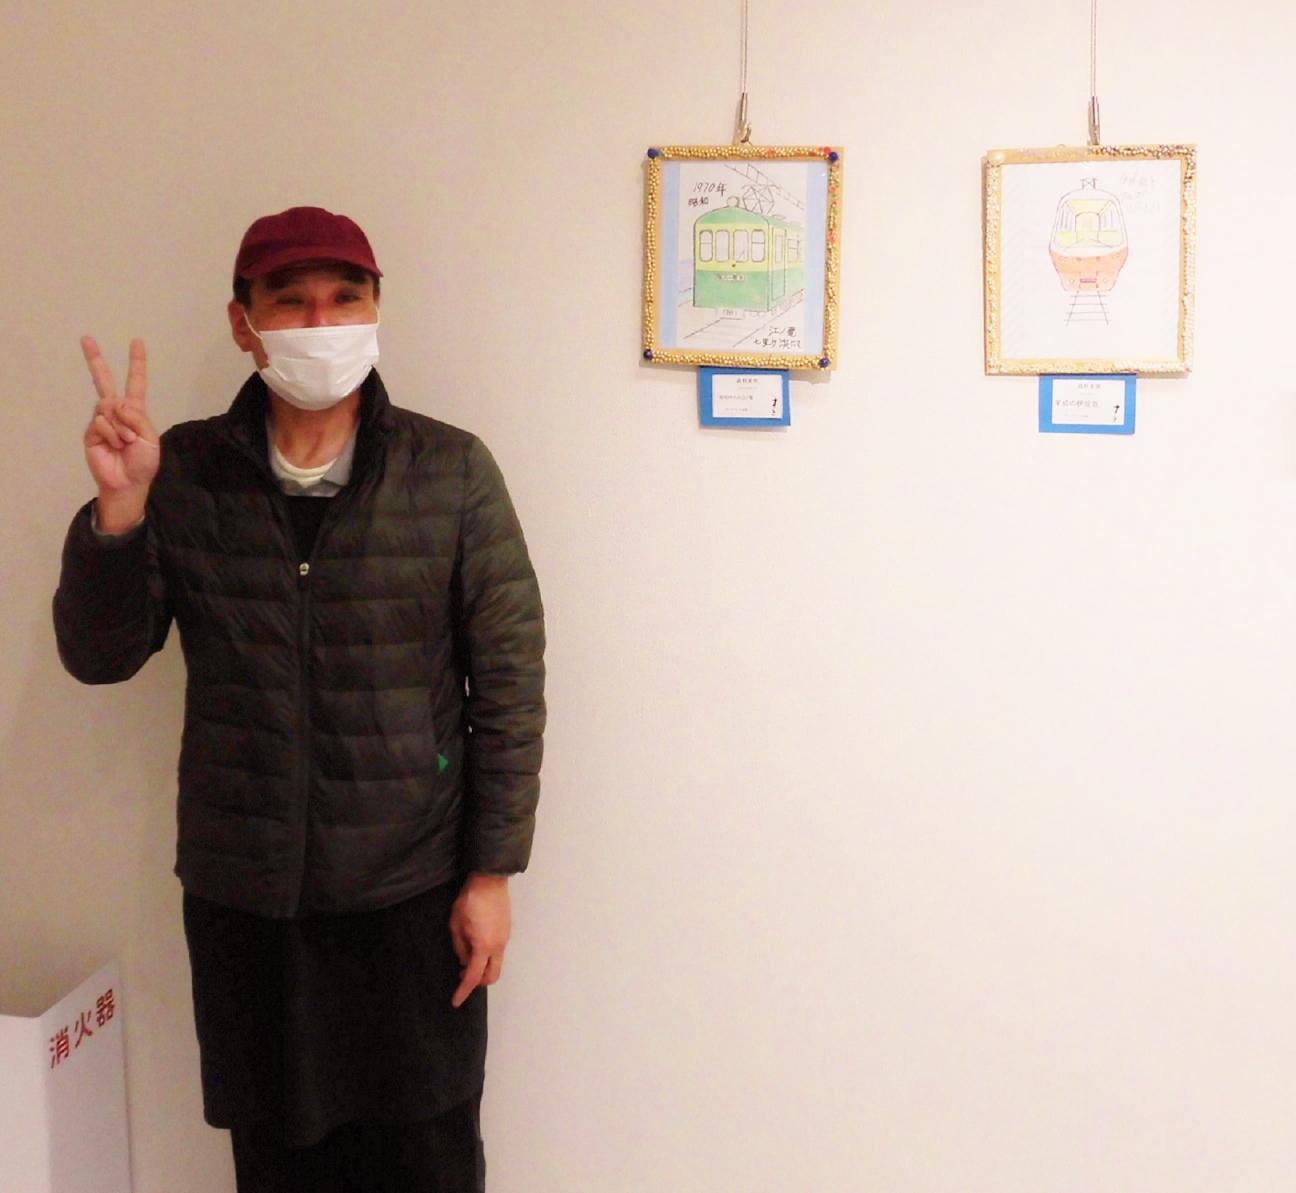 【日常の一コマ】就労継続支援B型事業所「カフェグランマ」の芸術家